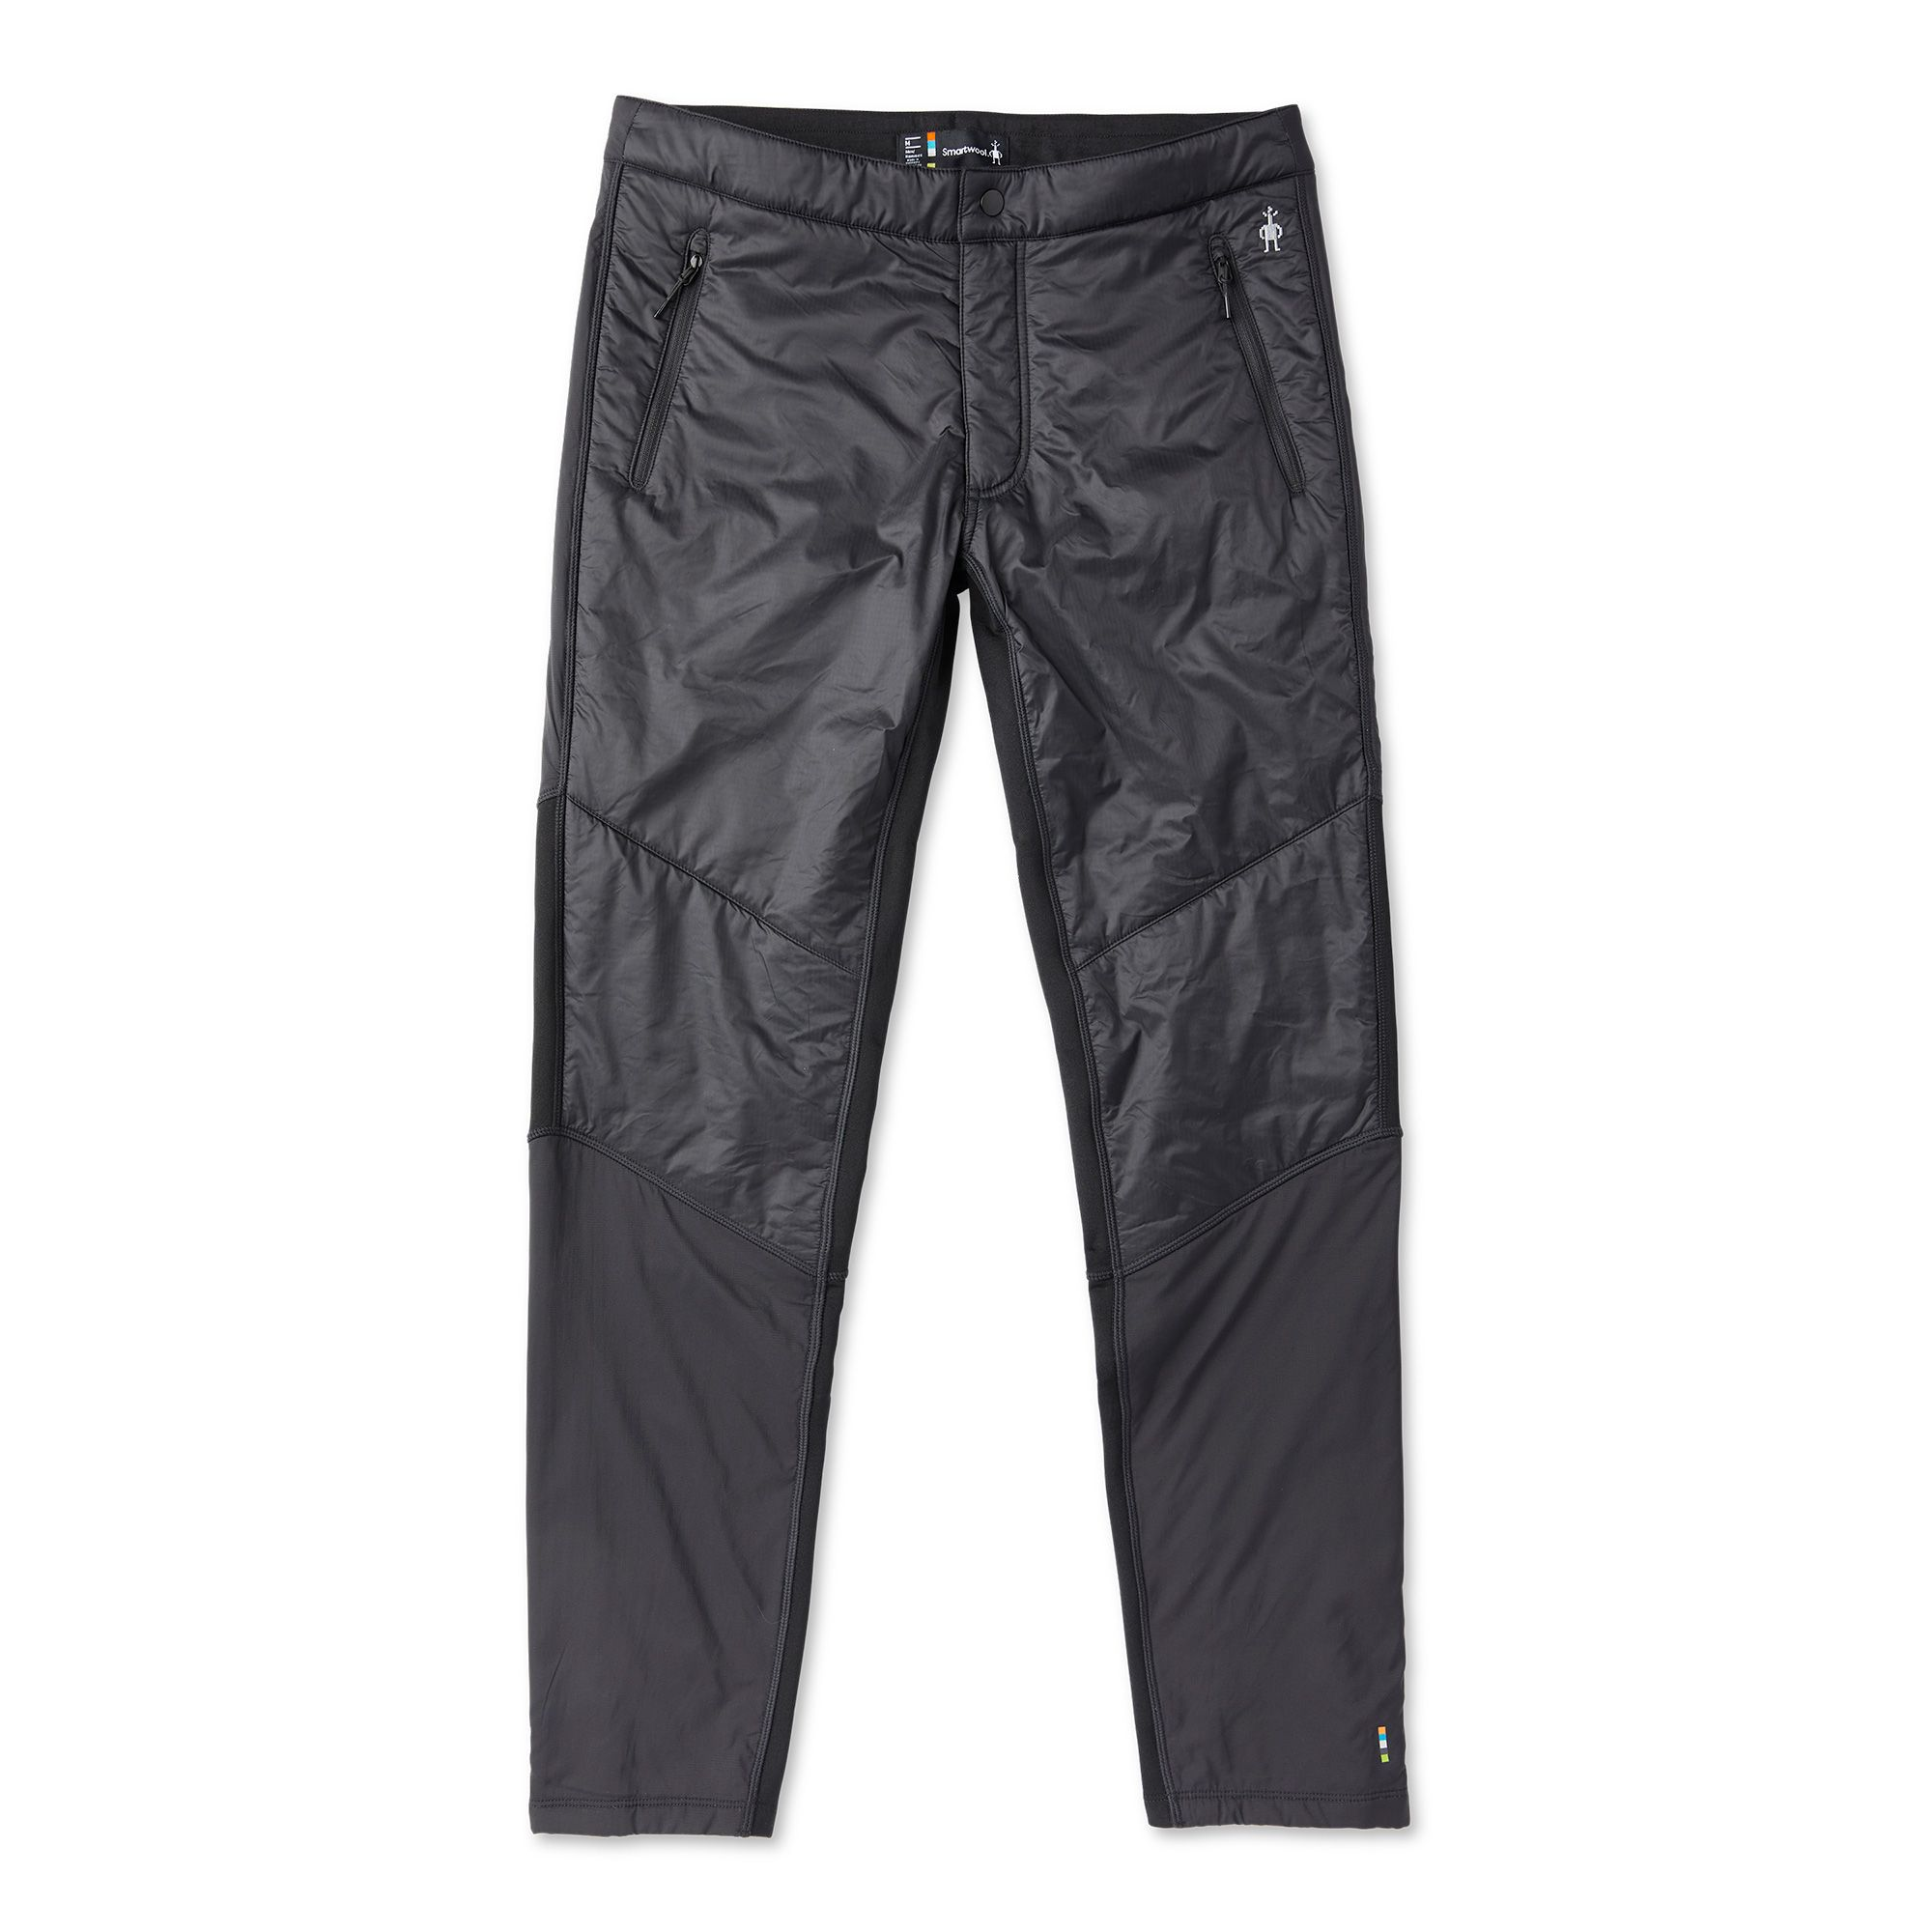 Men's Smartloft-X 60 Pant